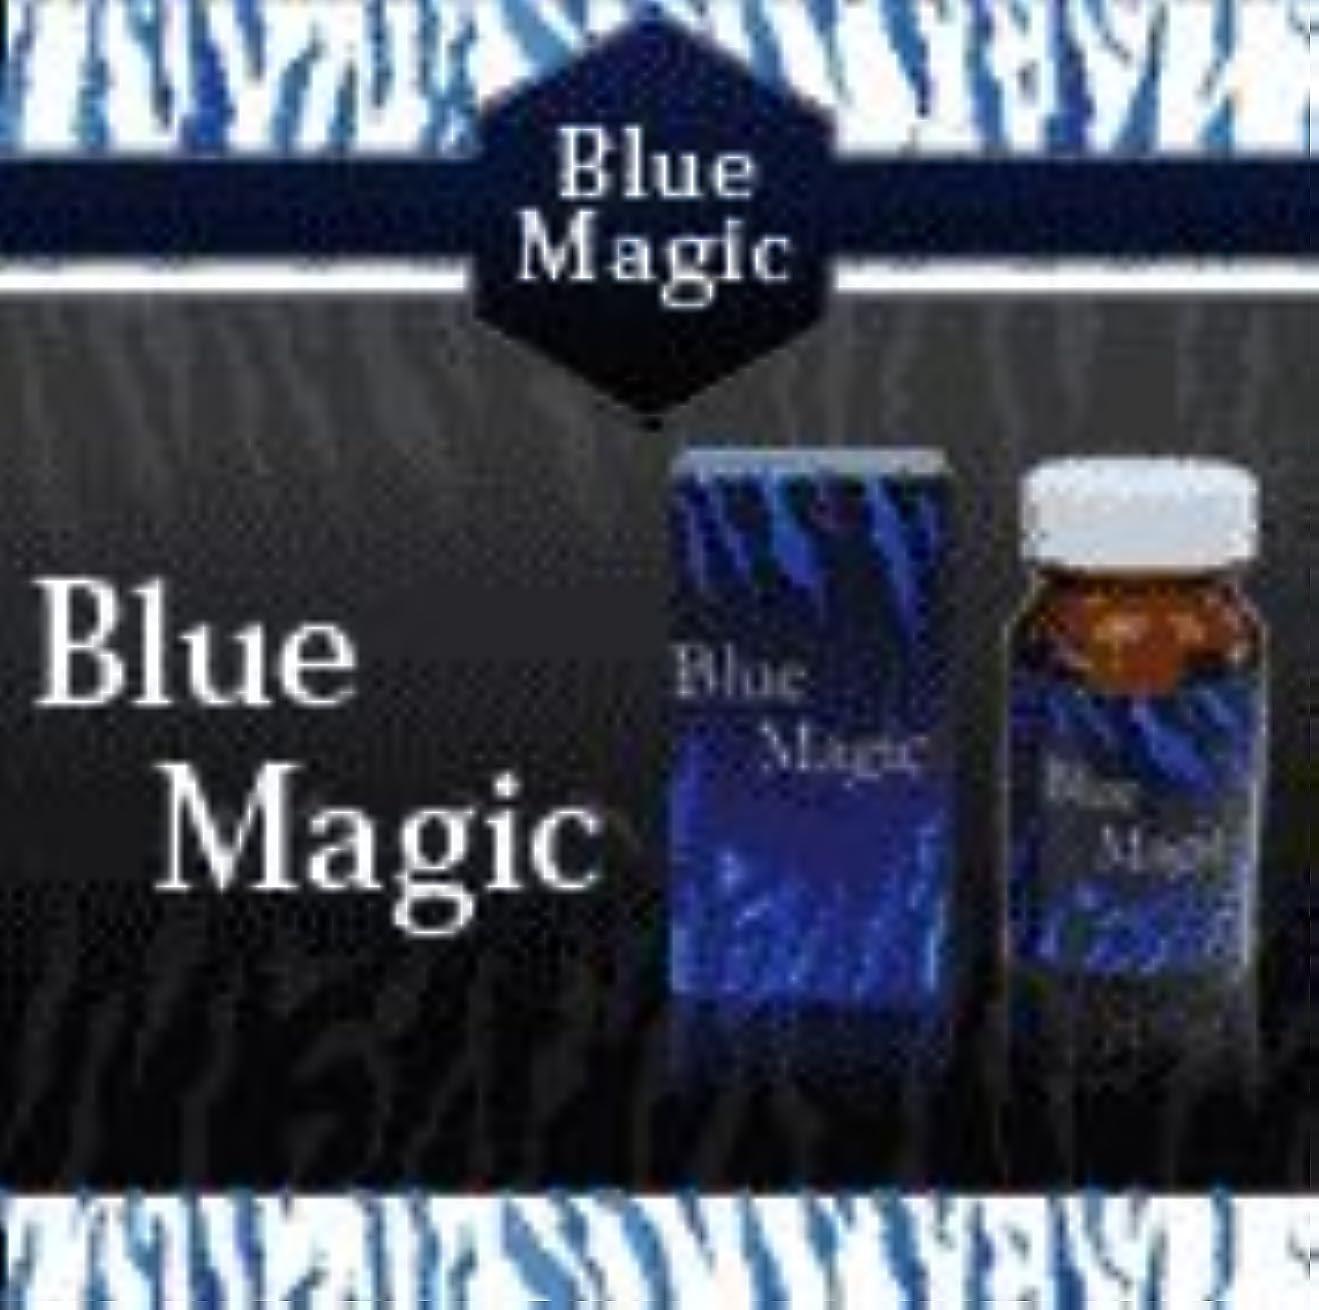 アンティーク手書き説明する「Blue Magic」ブルーマジック (ダイエットサプリメント) 3個セット